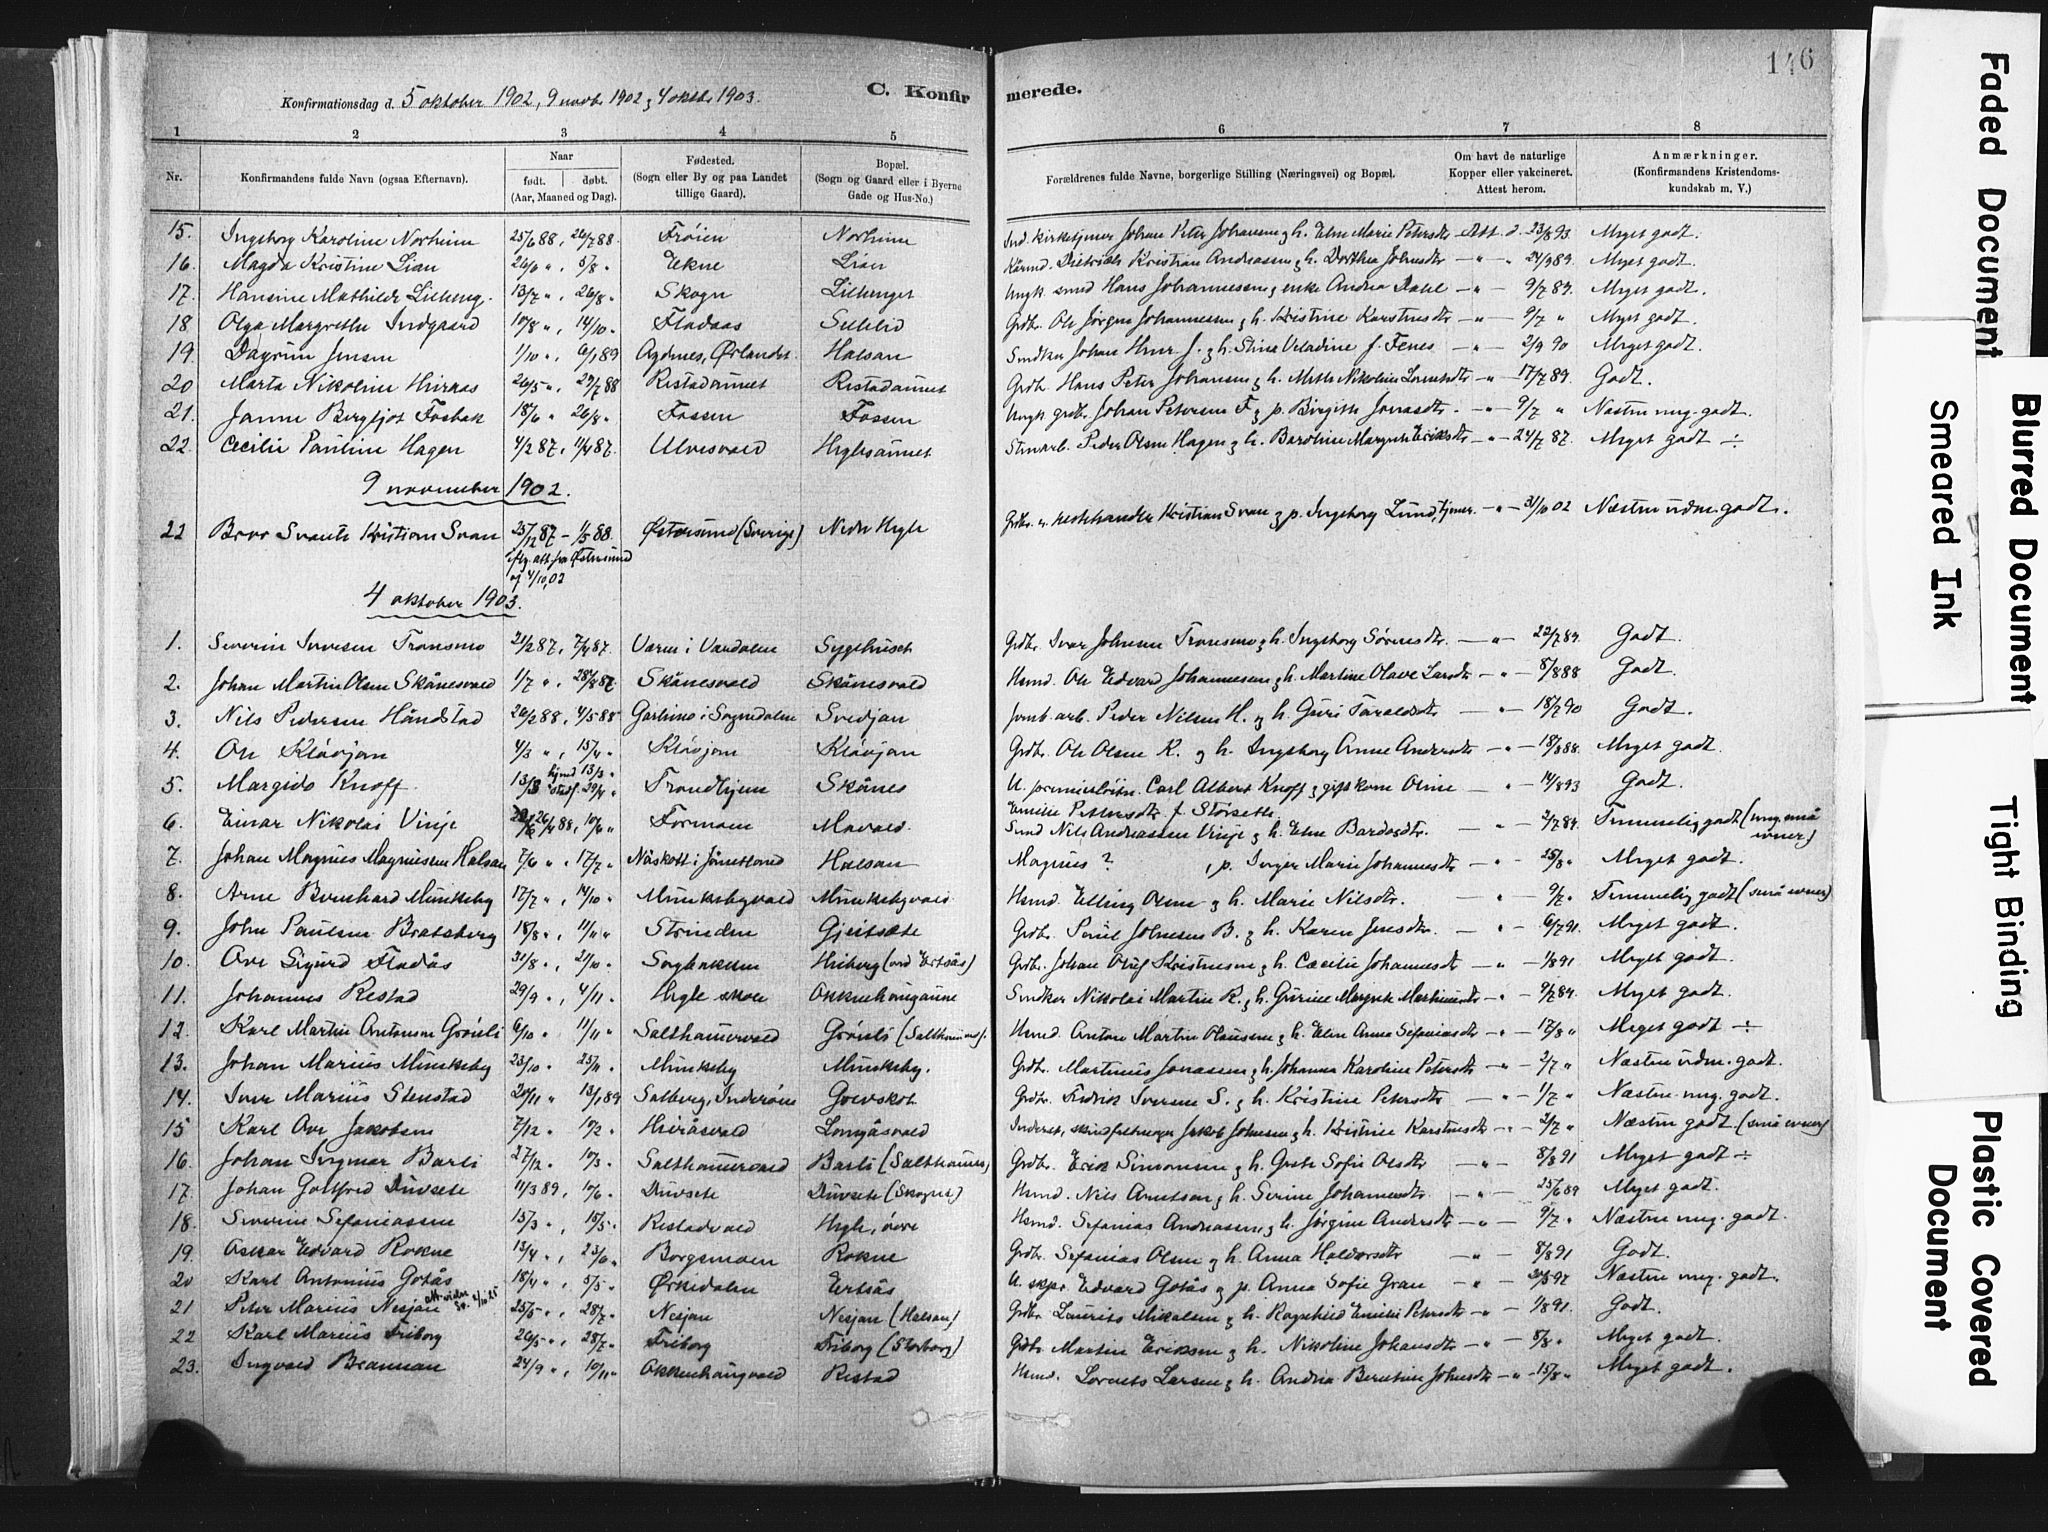 SAT, Ministerialprotokoller, klokkerbøker og fødselsregistre - Nord-Trøndelag, 721/L0207: Ministerialbok nr. 721A02, 1880-1911, s. 146